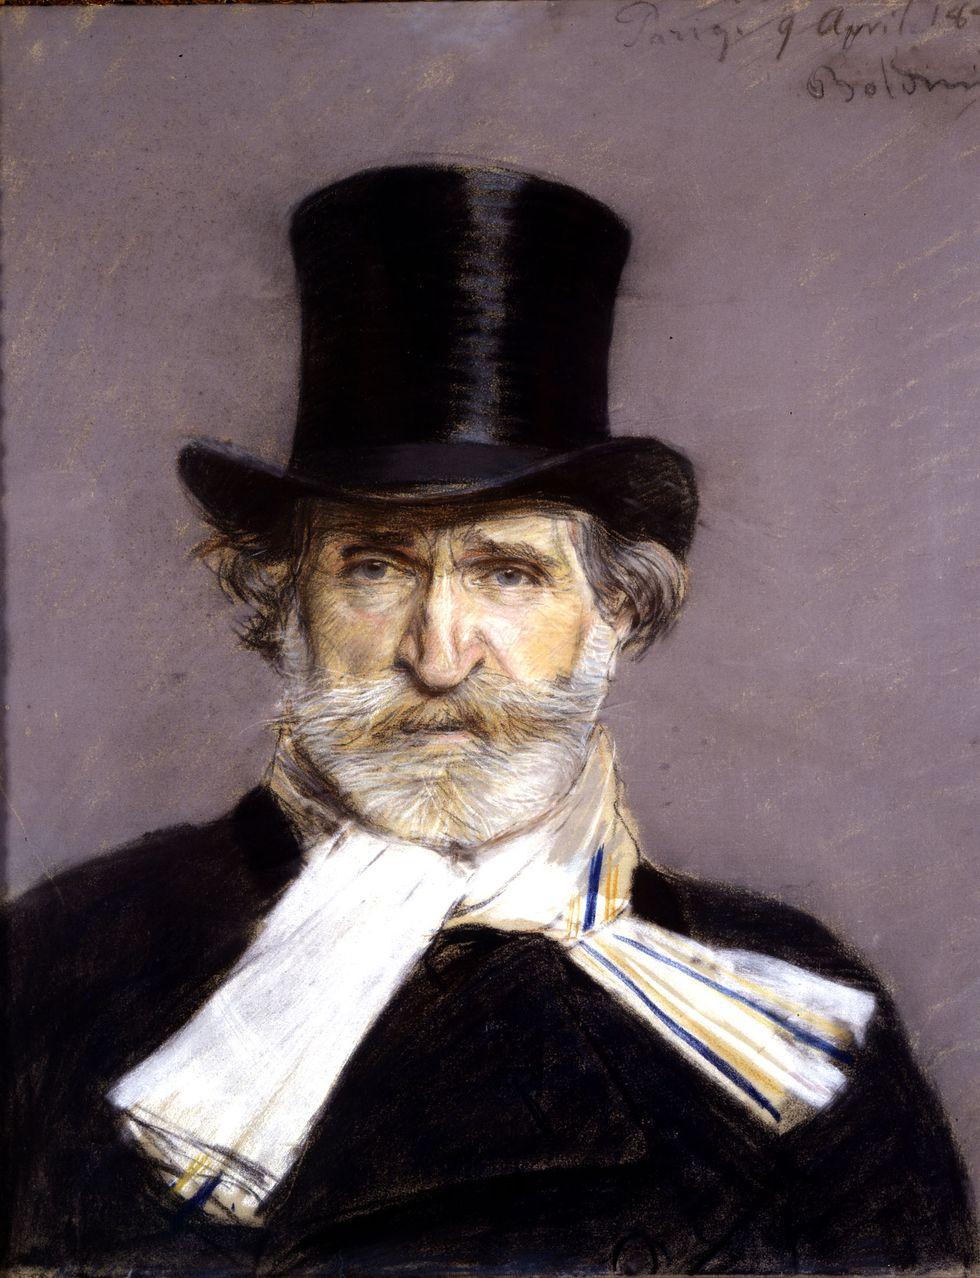 Leggete le lettere di Giuseppe Verdi, se cercate sorprese